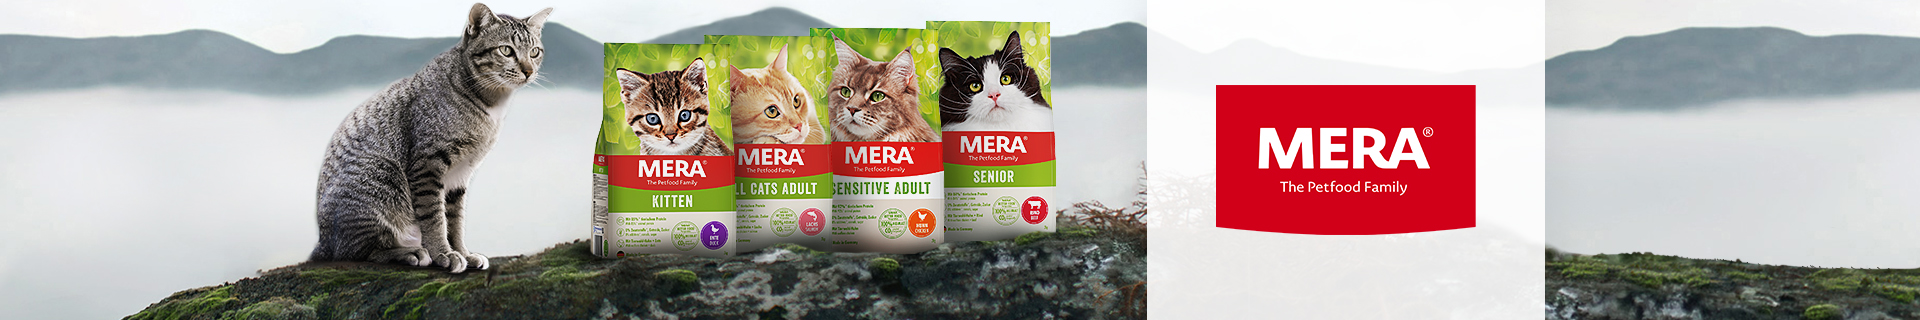 Markenshop - Mera - Trockenfutter - MERA Cats